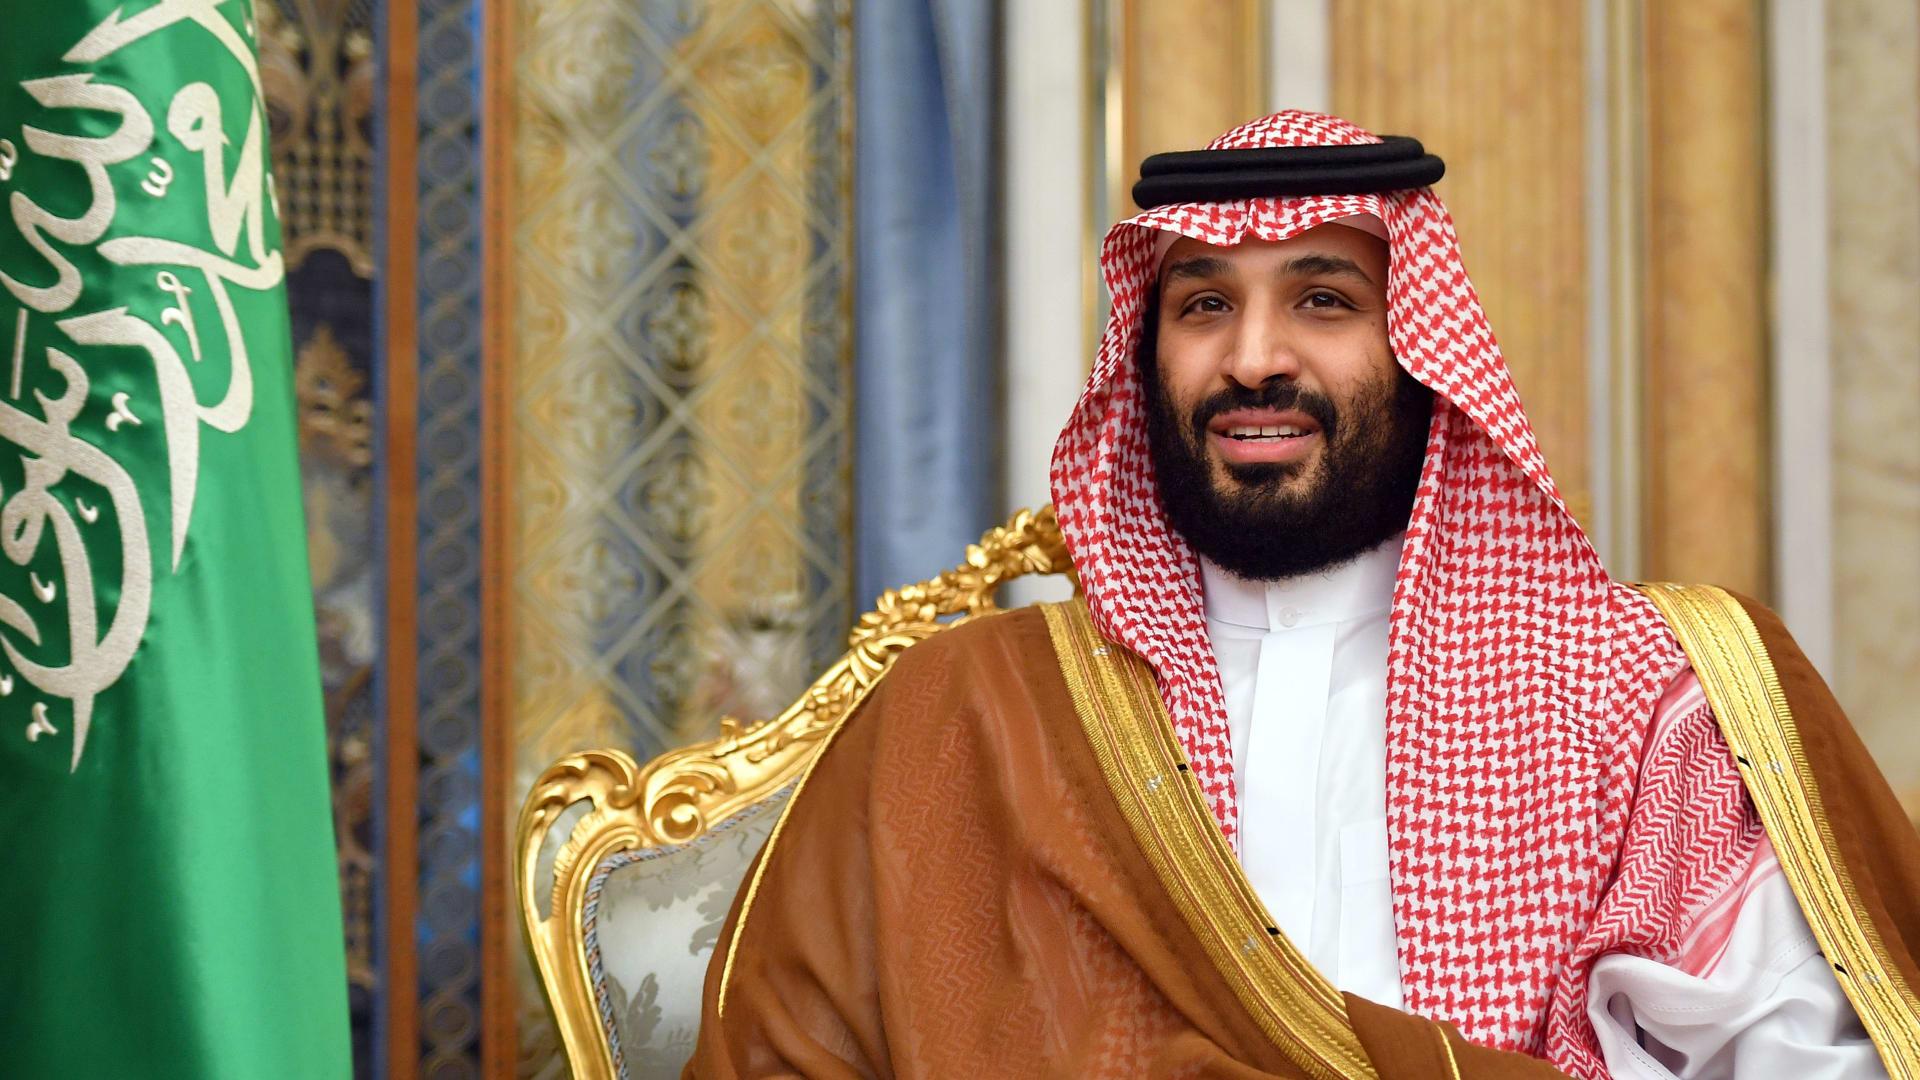 """محمد بن سلمان يكشف قيمة الاستثمارات بـ""""الاقتصاد الأخضر"""".. ويسعى لتحويل الرياض إلى مدينة مستدامة"""